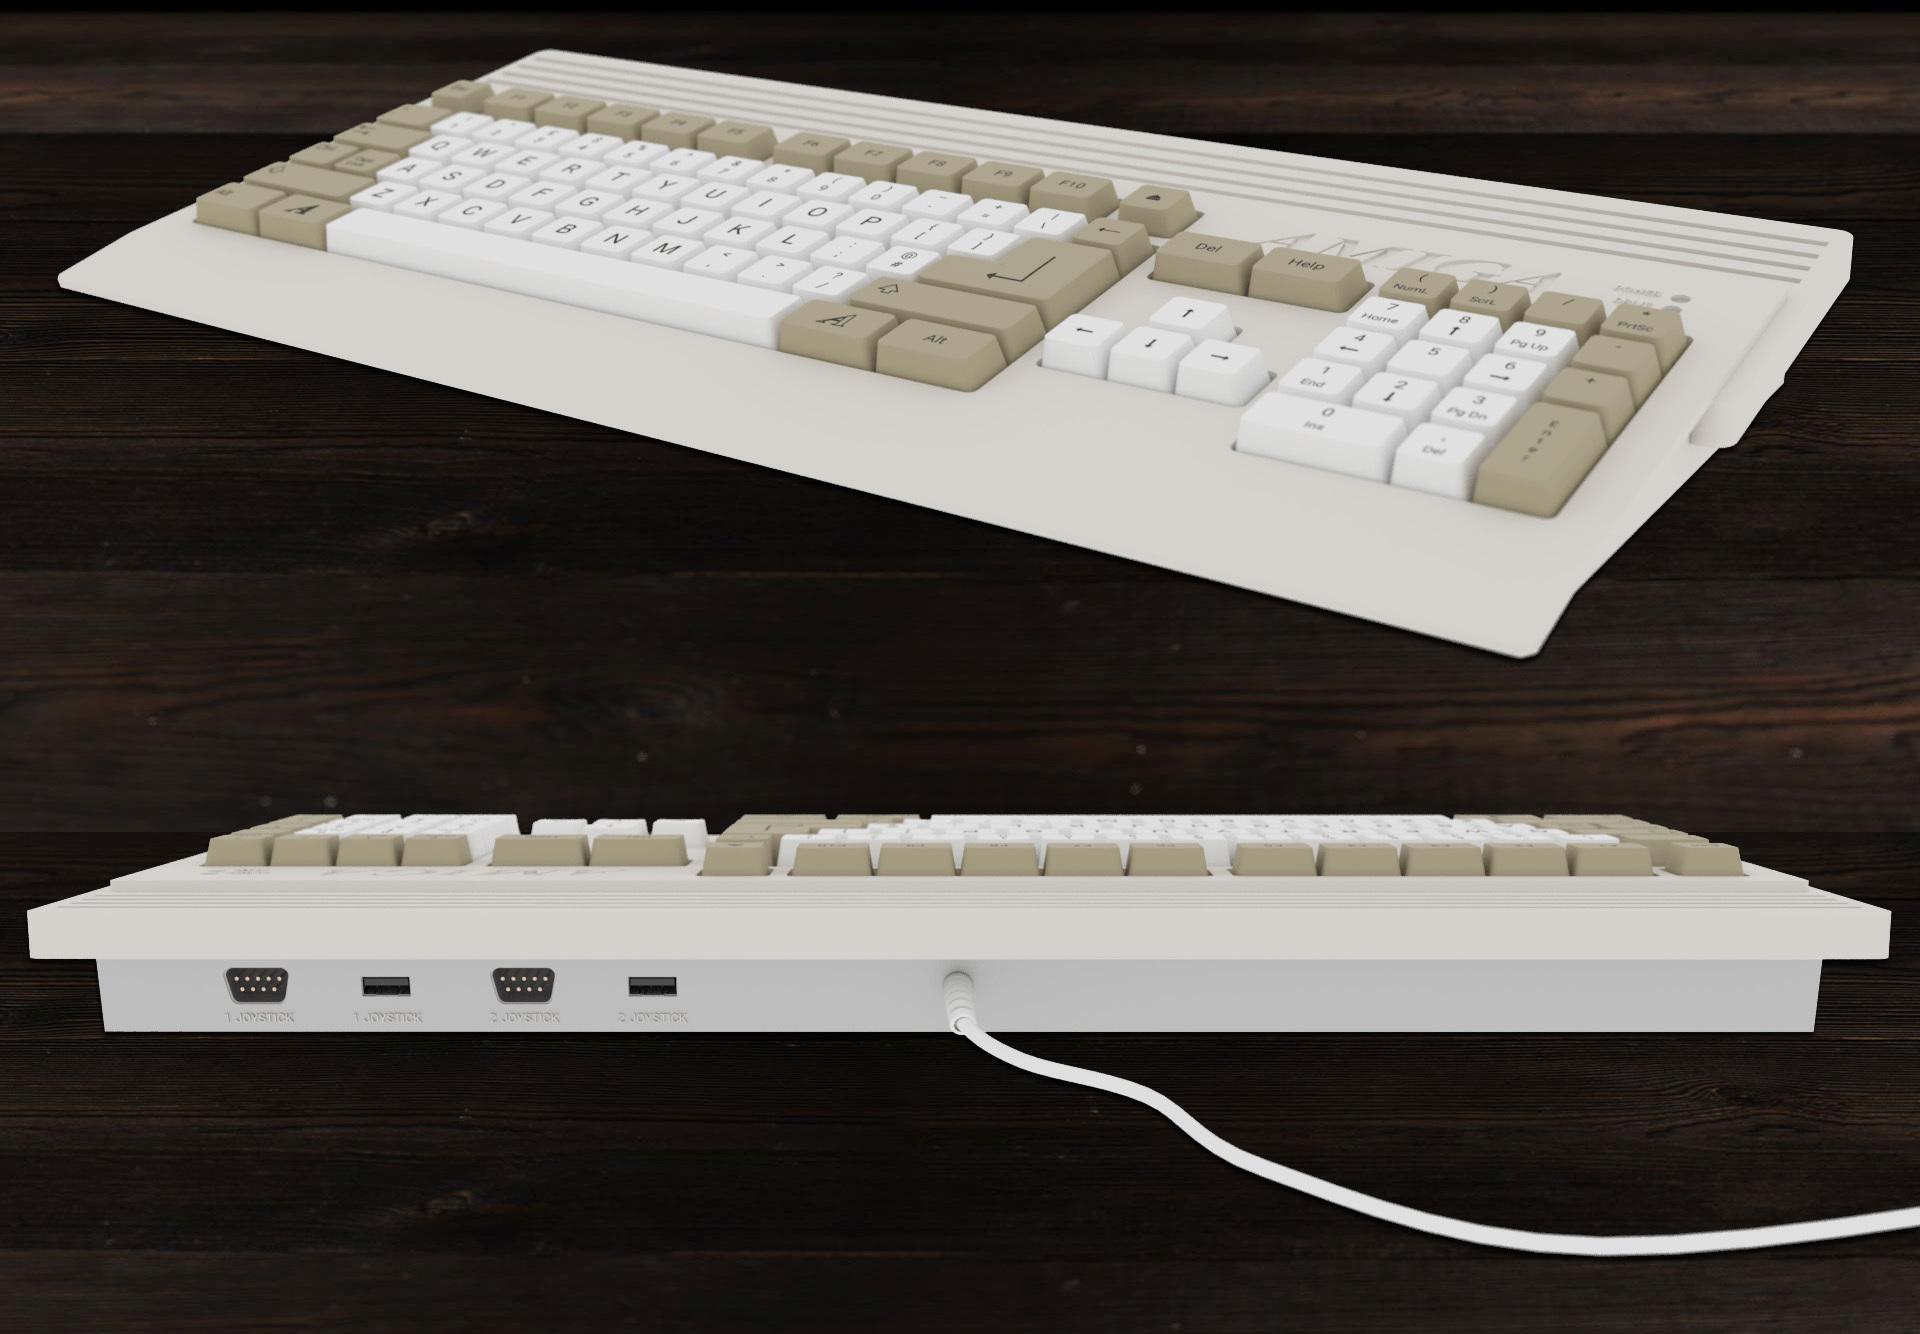 Slik skal tastaturet se ut.